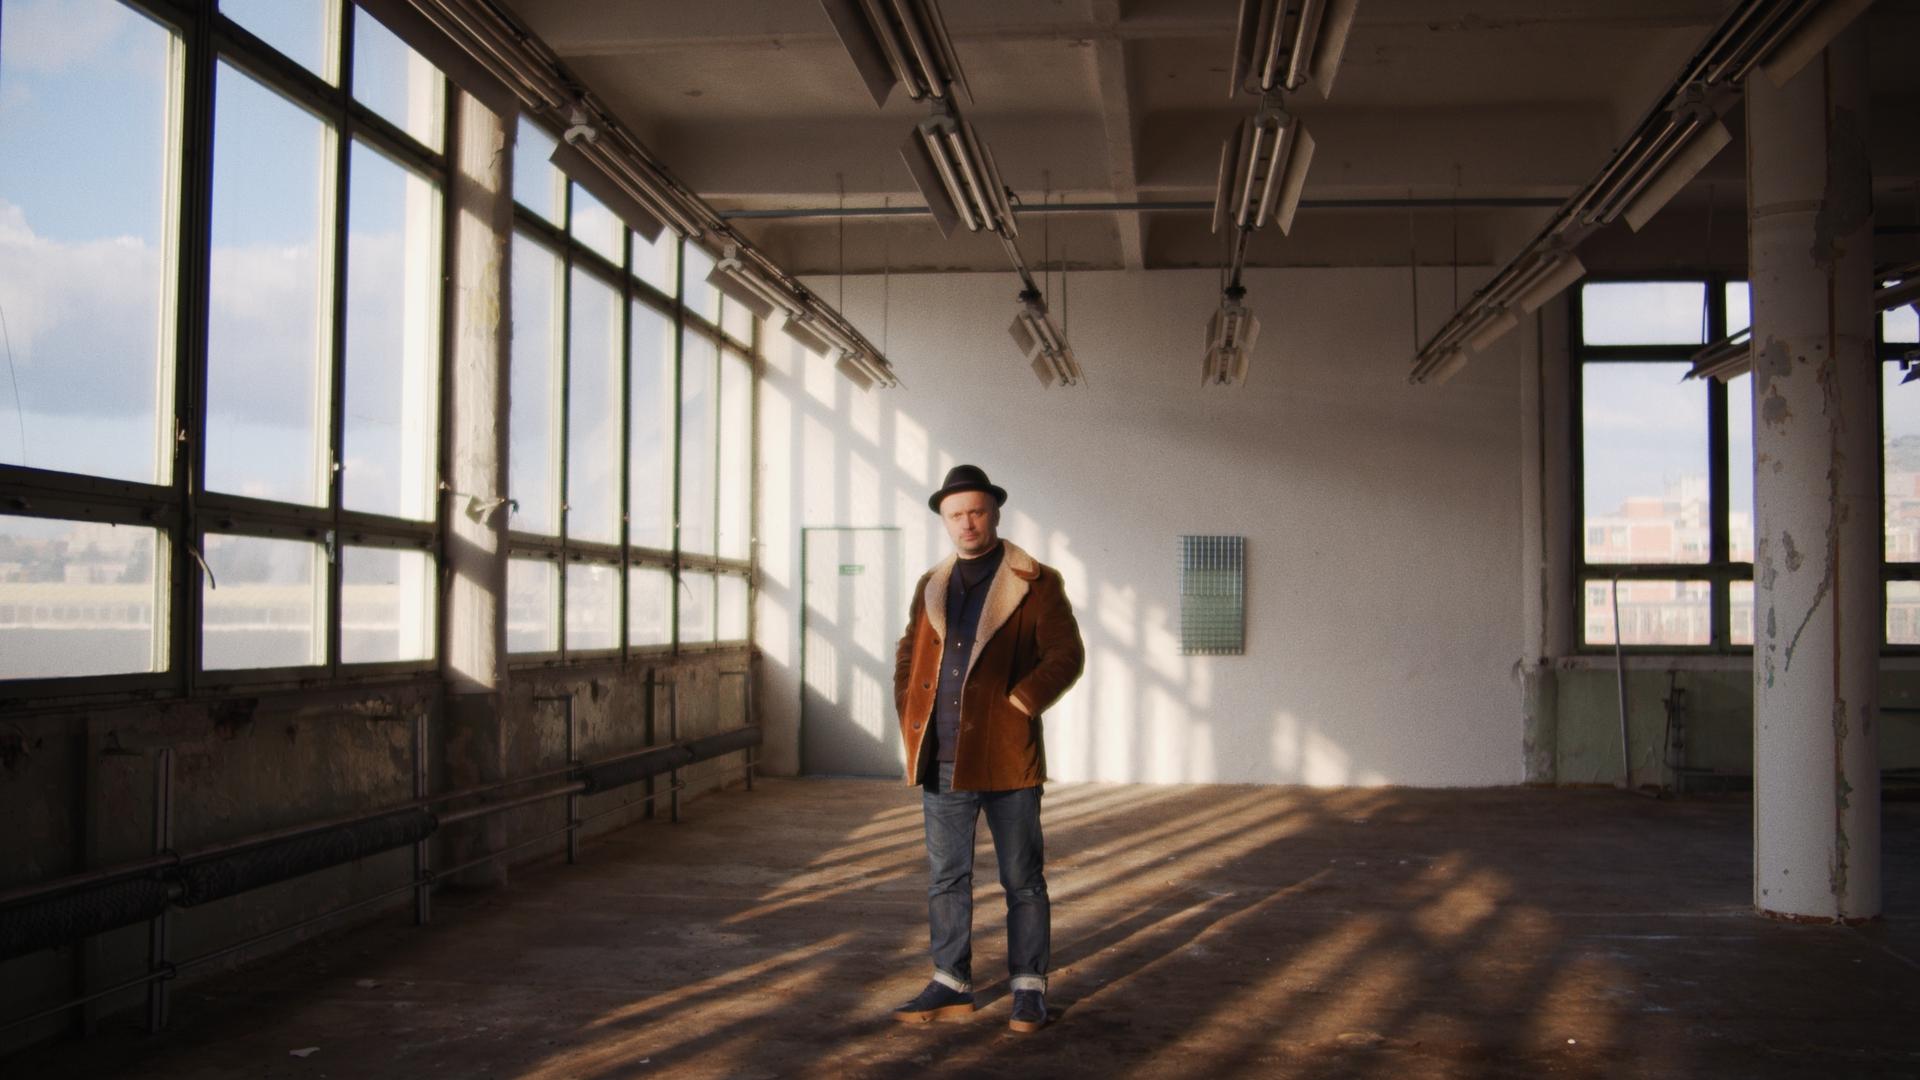 Portrét Petra Stanického, postava muže v prázdné továrně.